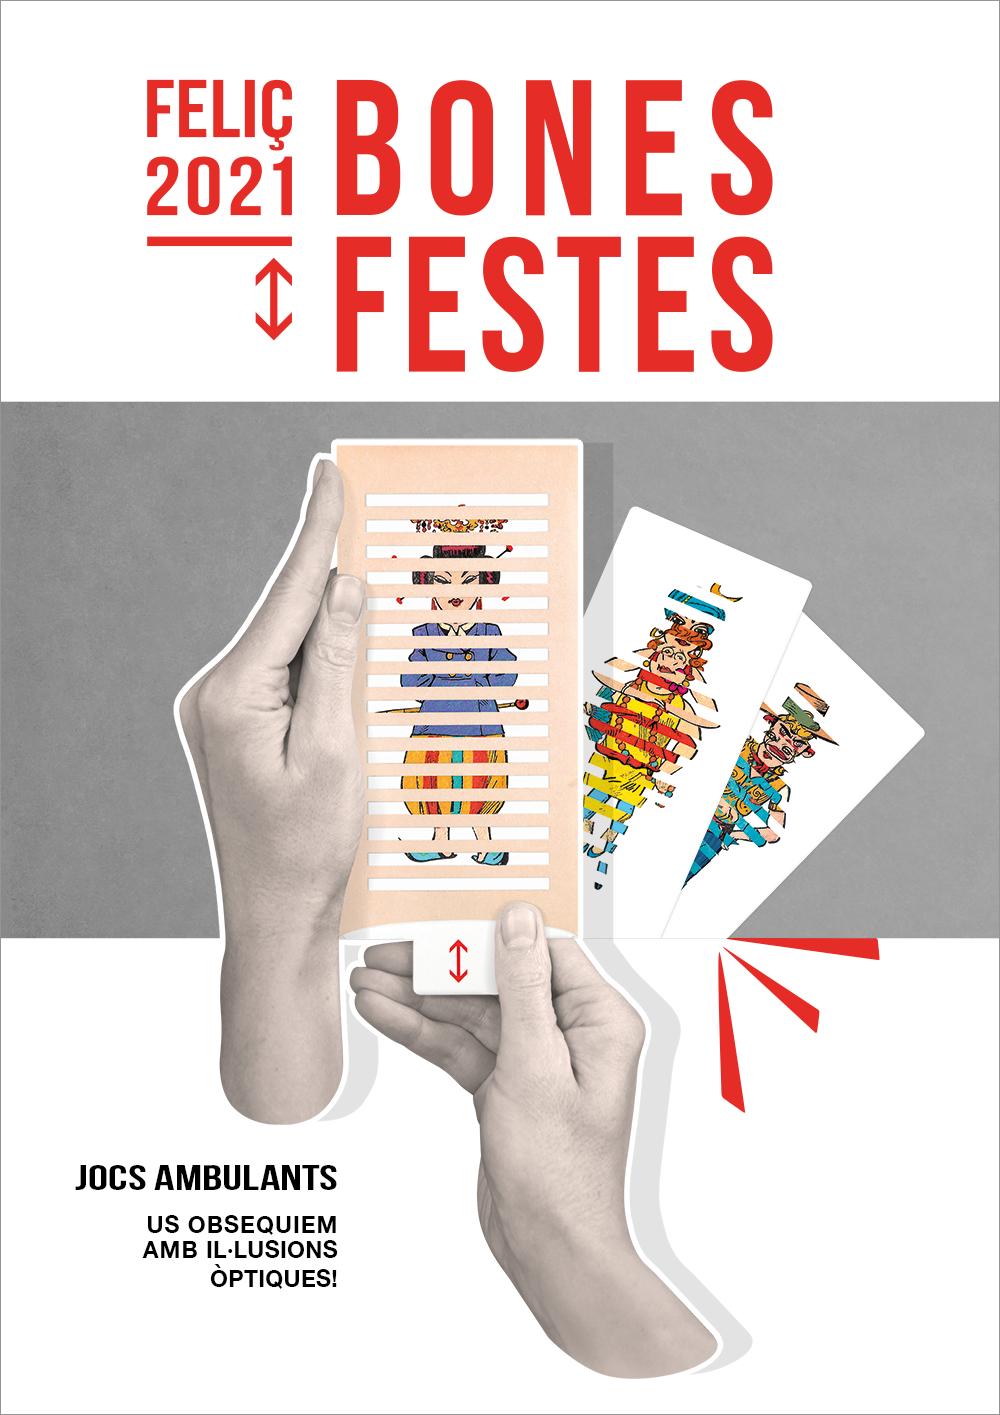 Bones Festes y Feliç 2021 amb Jocs Ambulants